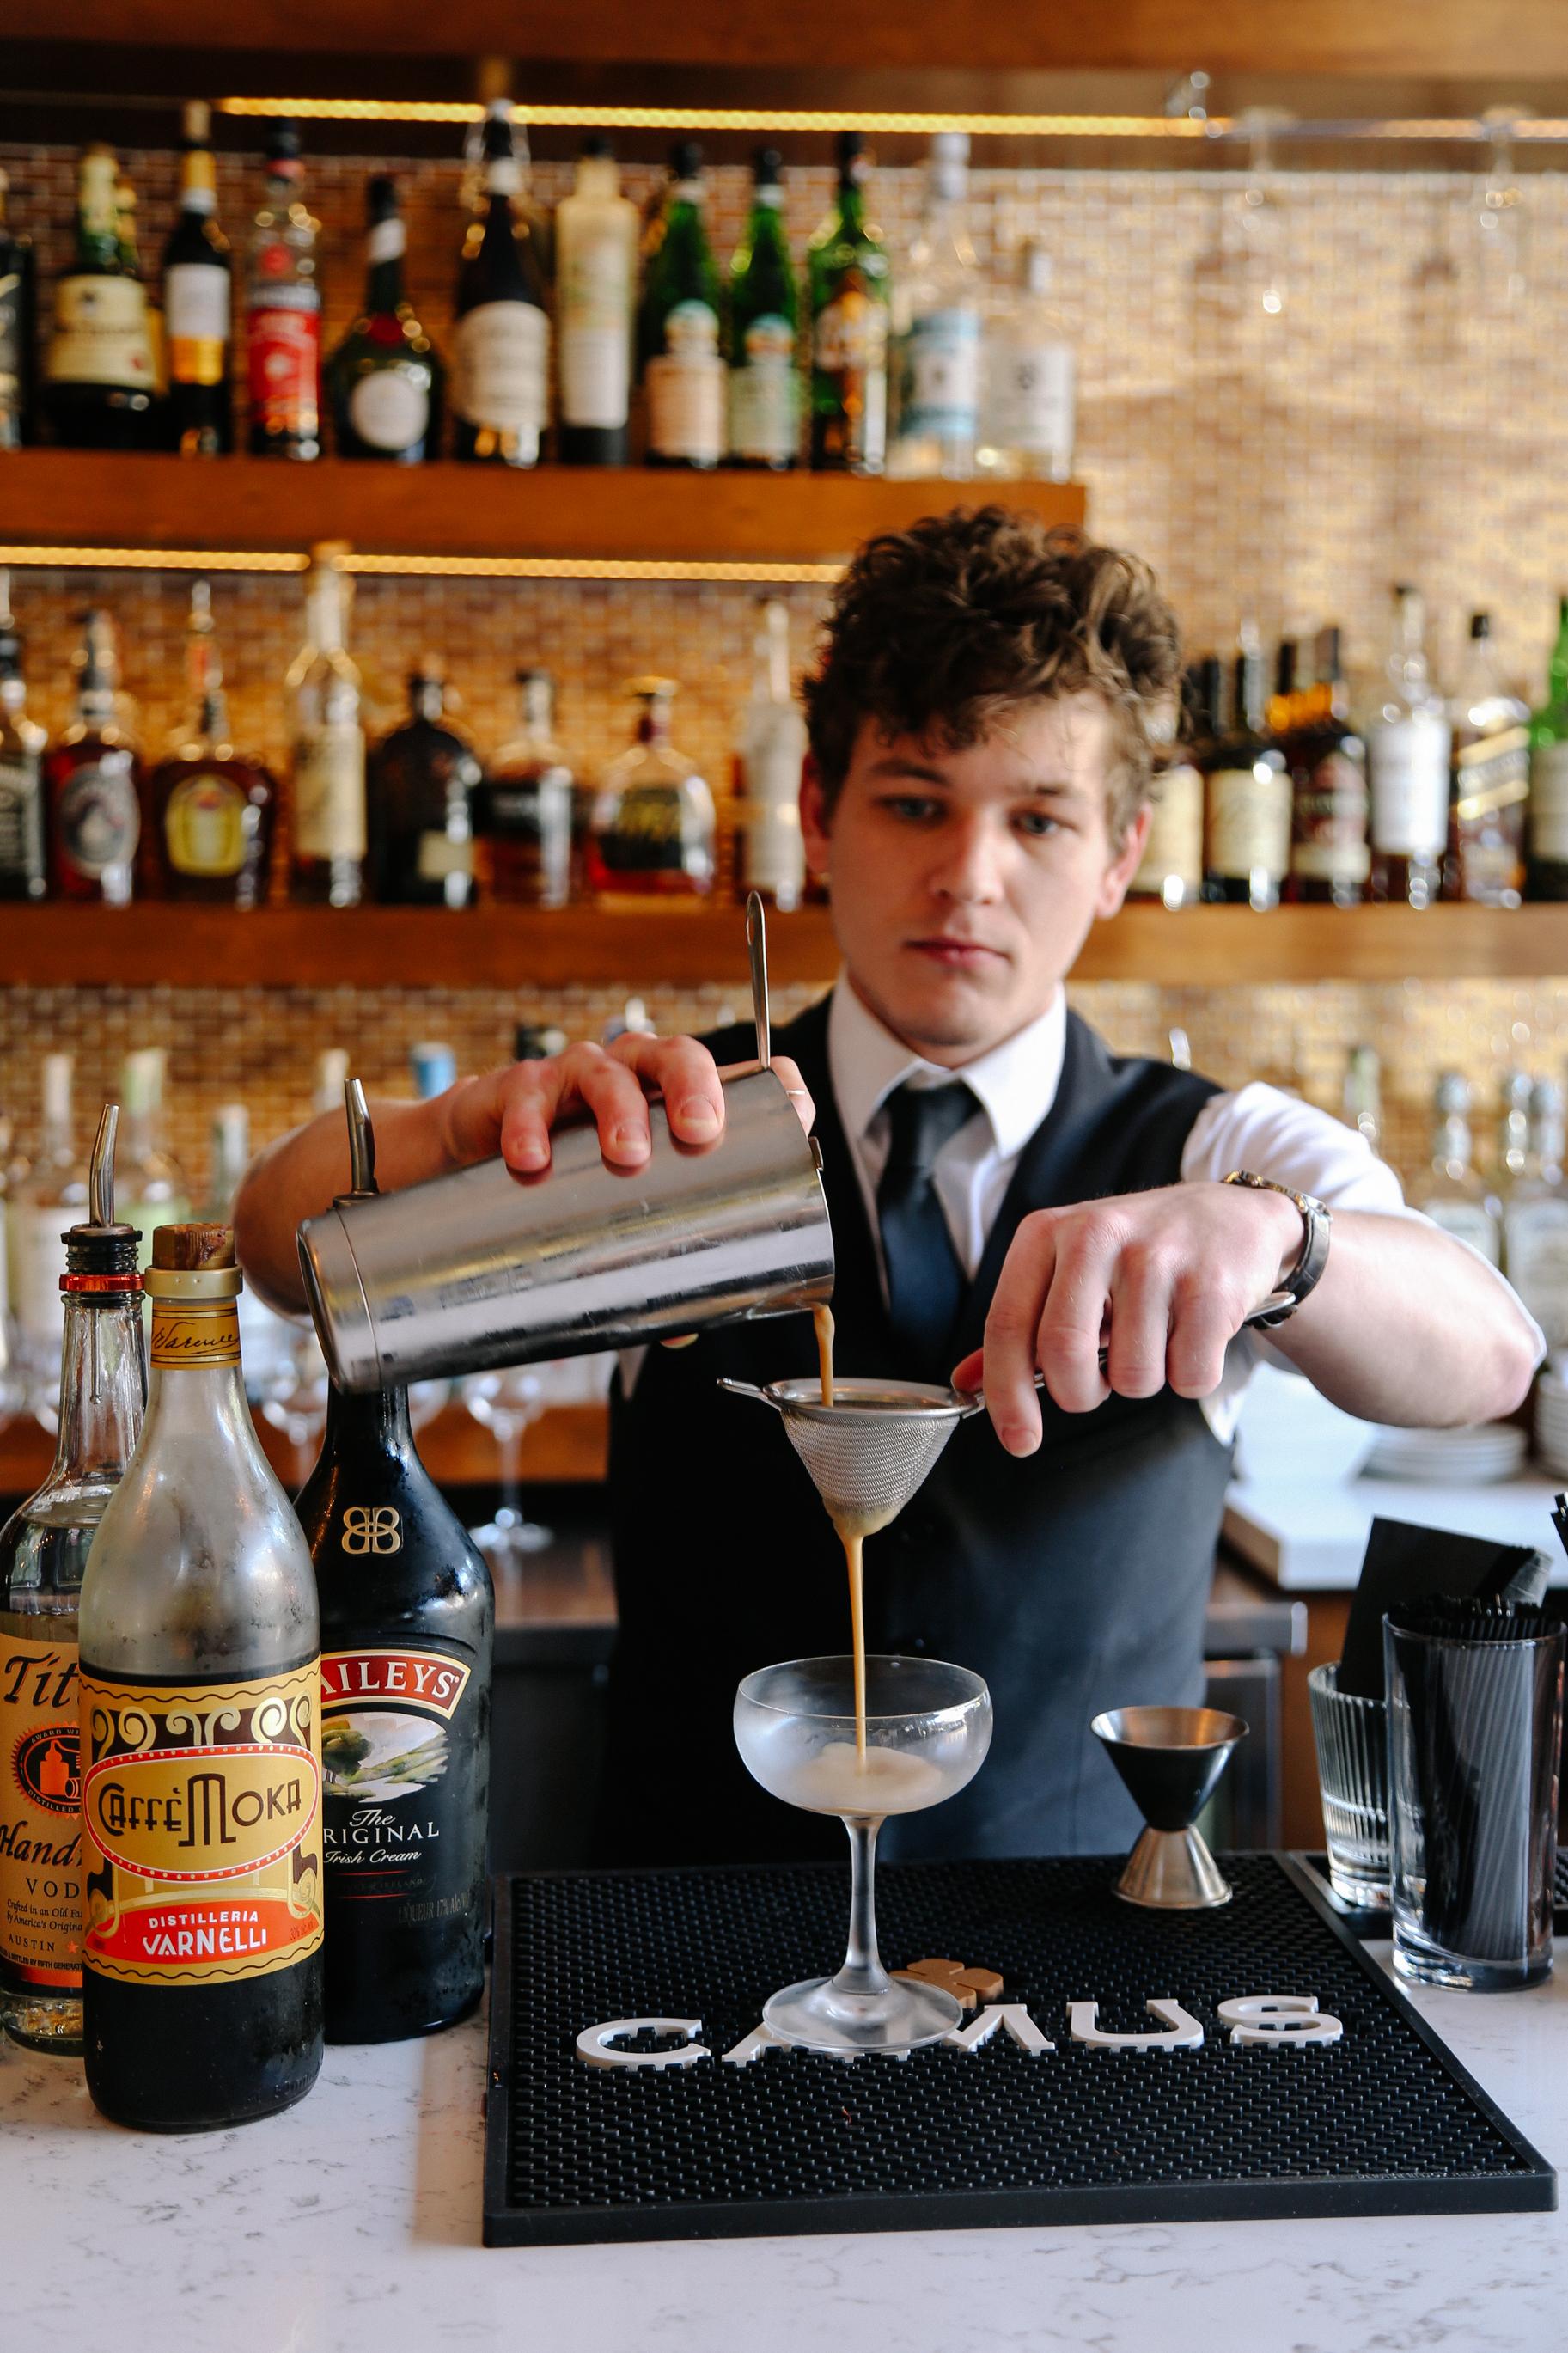 flour-house-cocktail-coffee-7.jpg